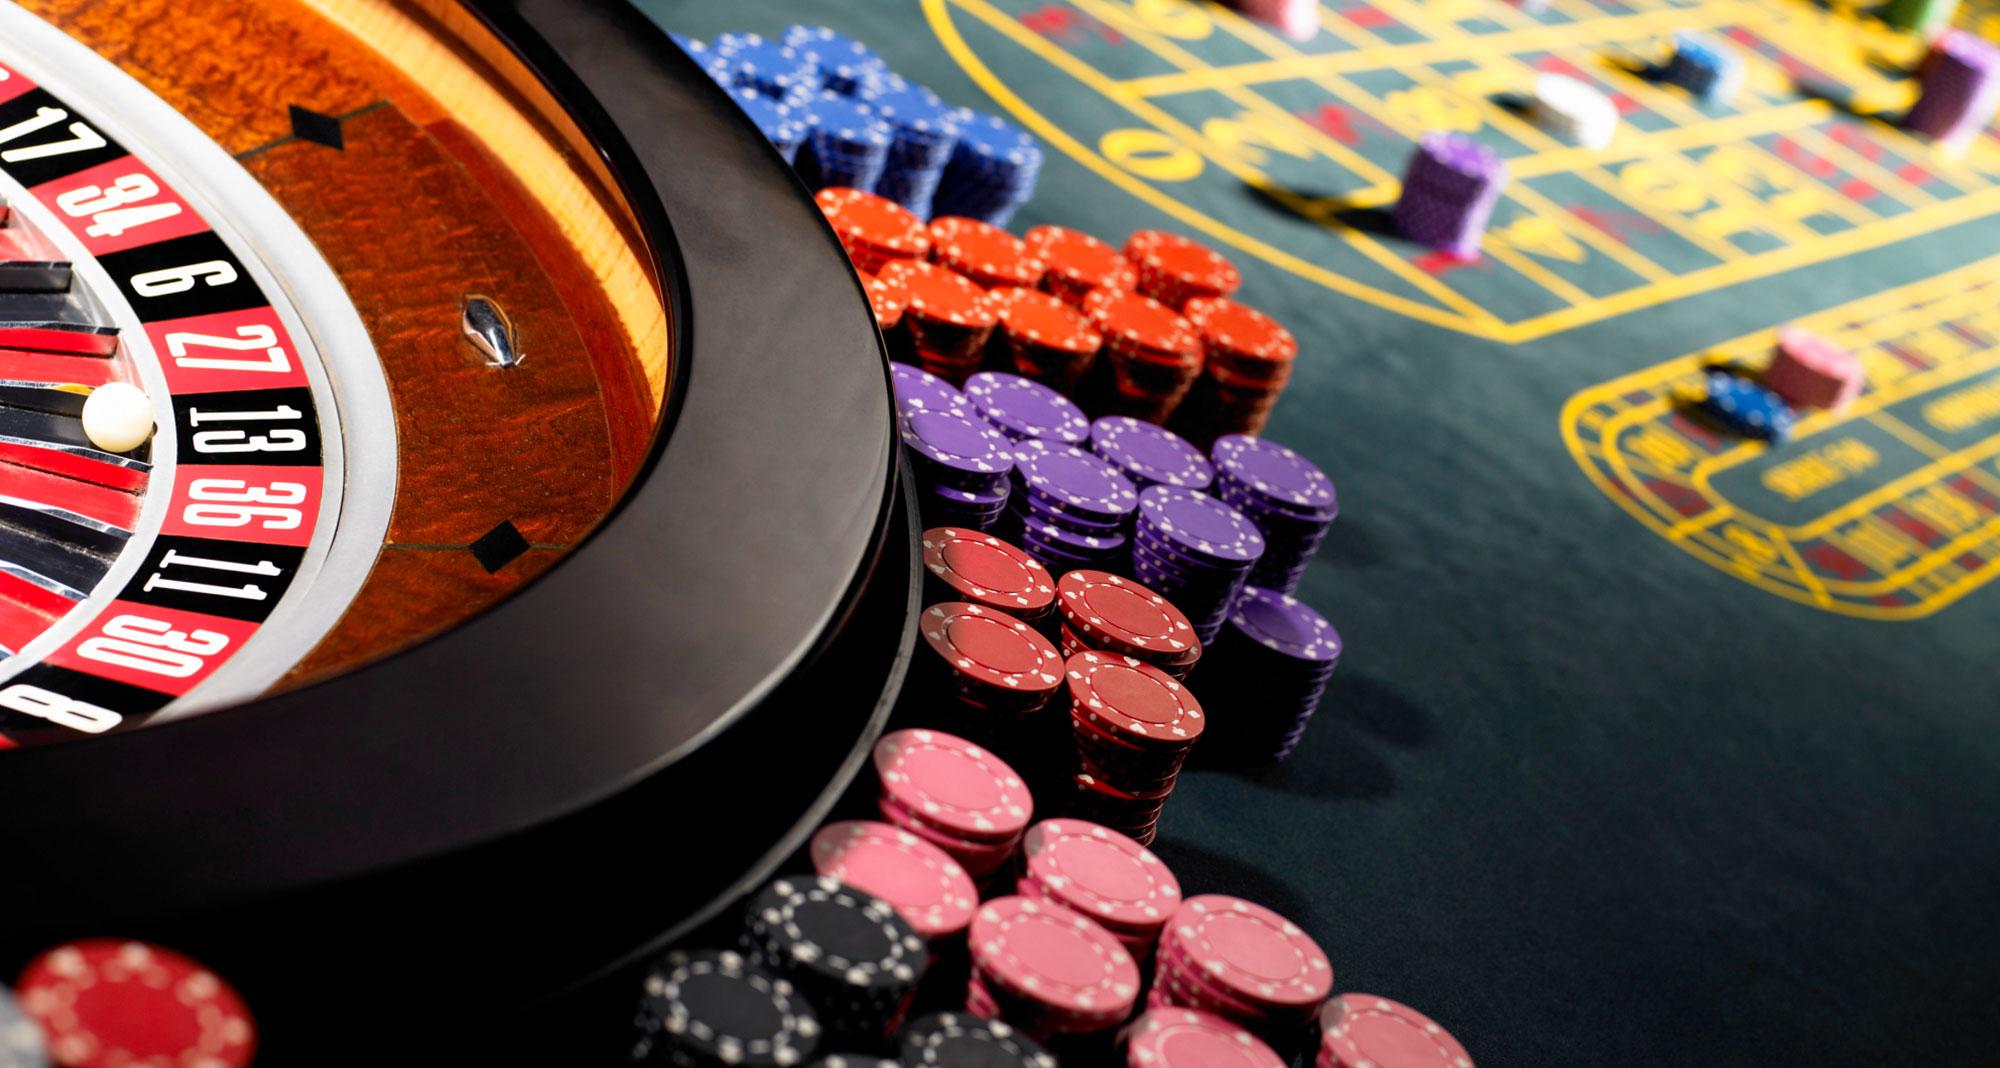 Höhle Der Löwen Online Casino